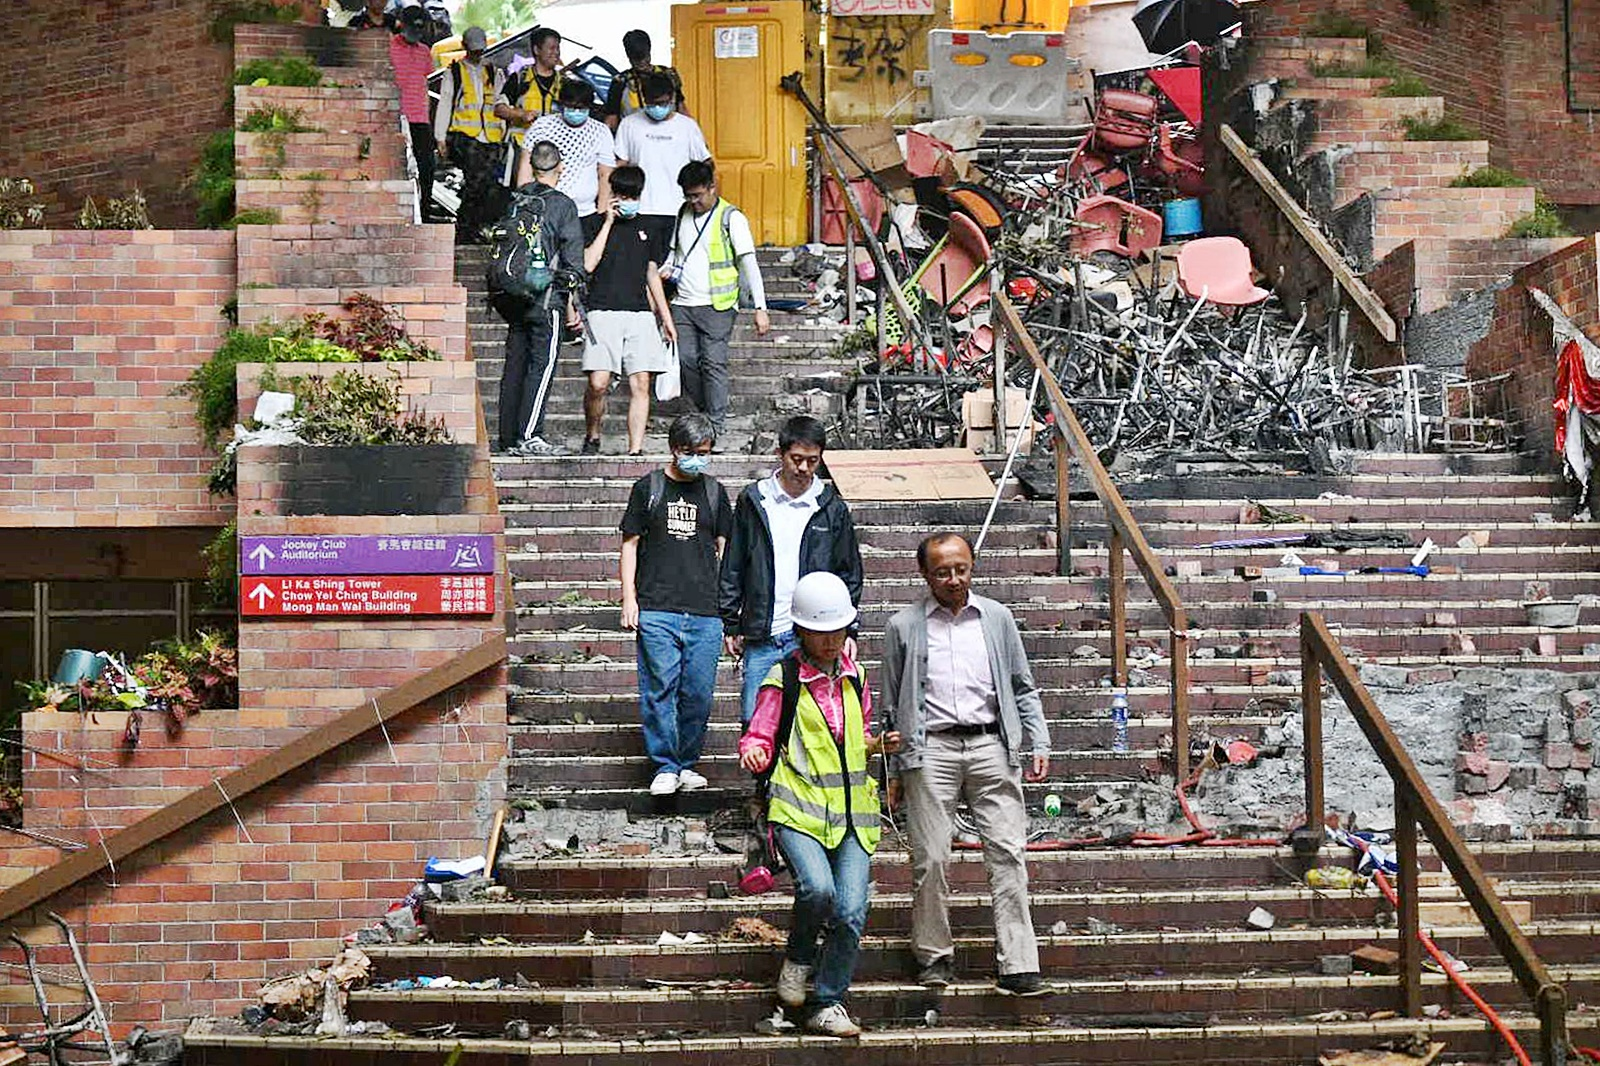 【修例风波】城大:数名学生仍留守理大 促尽快和平离开